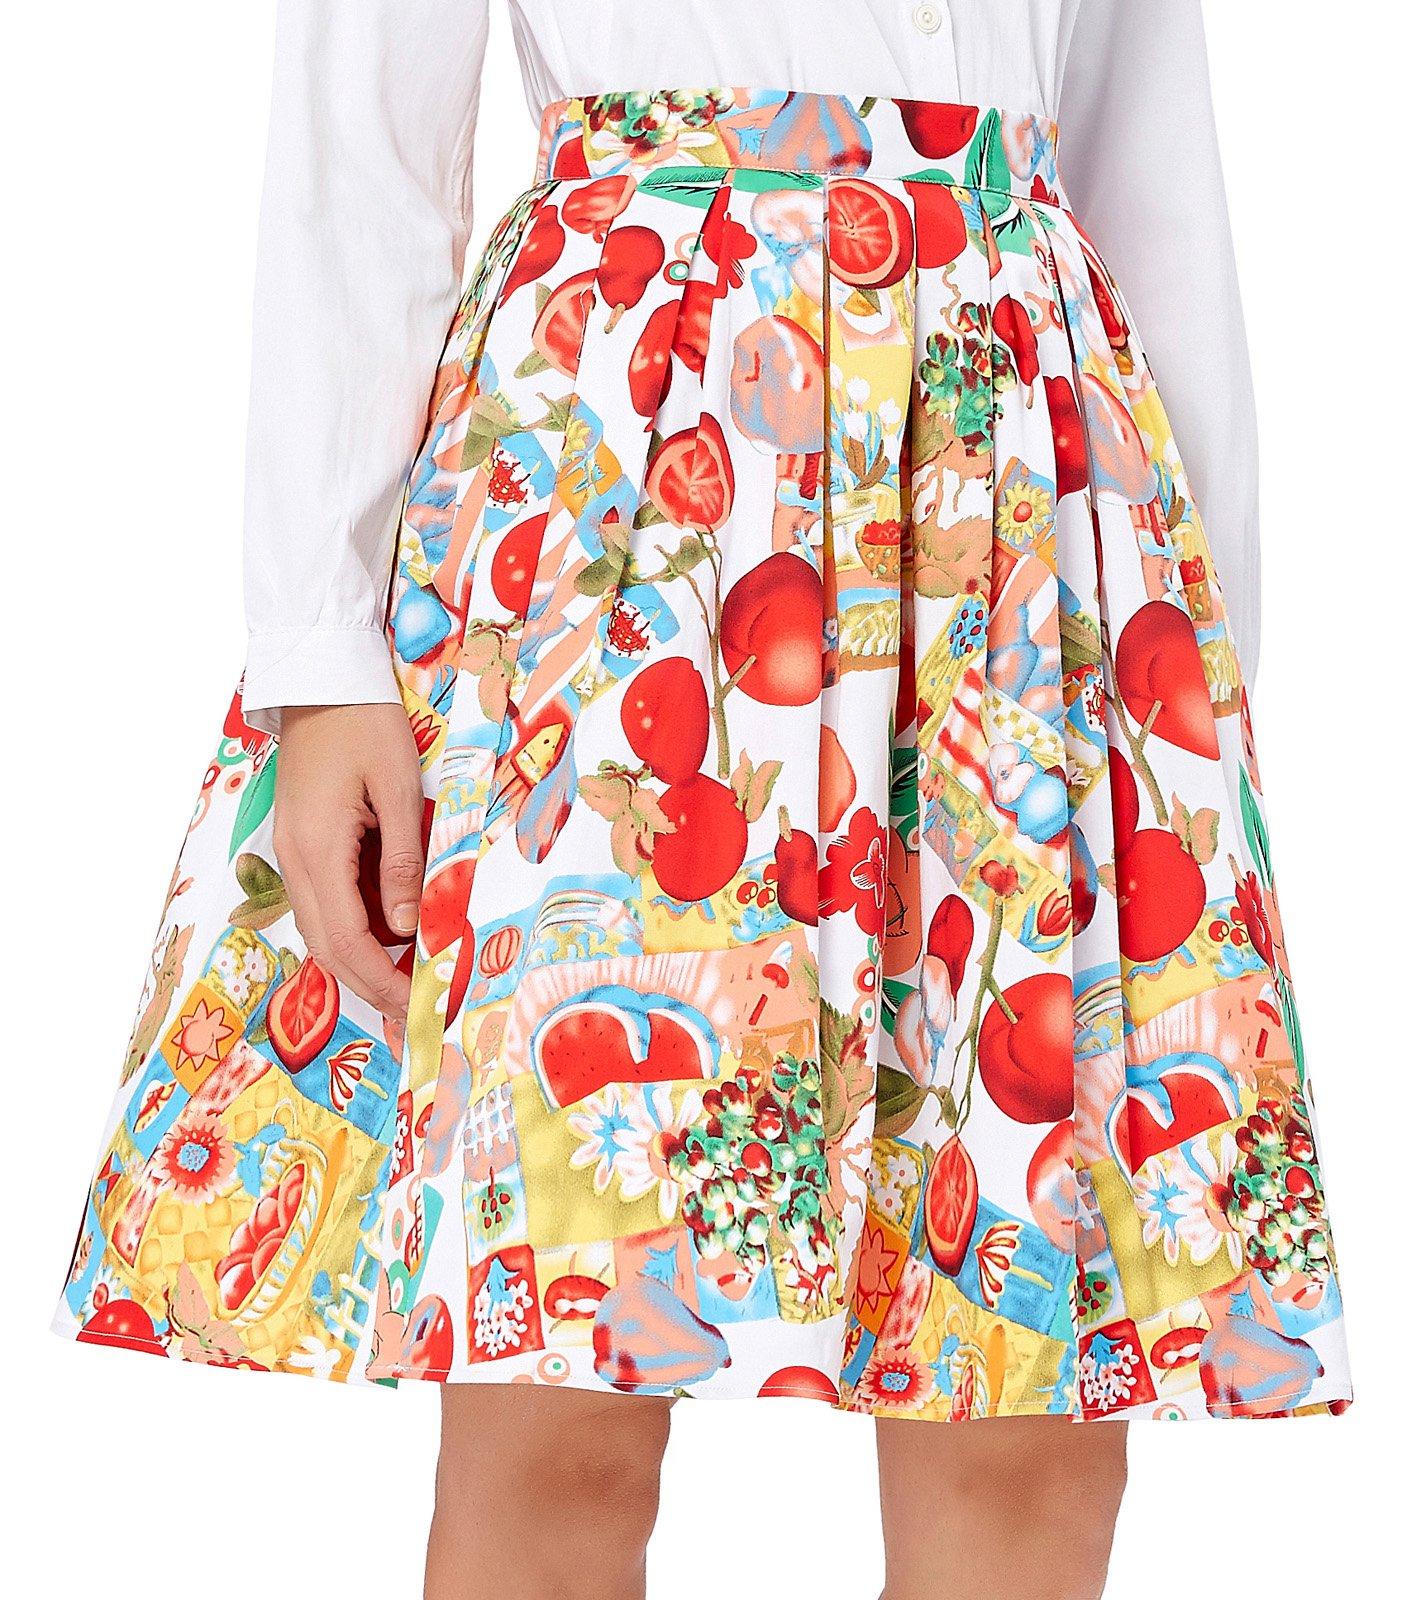 d7d5372074 Galleon - GRACE KARIN A Line 50's Vintage Bubble Style Retro Pleated Skirt  Size L CL6294-8